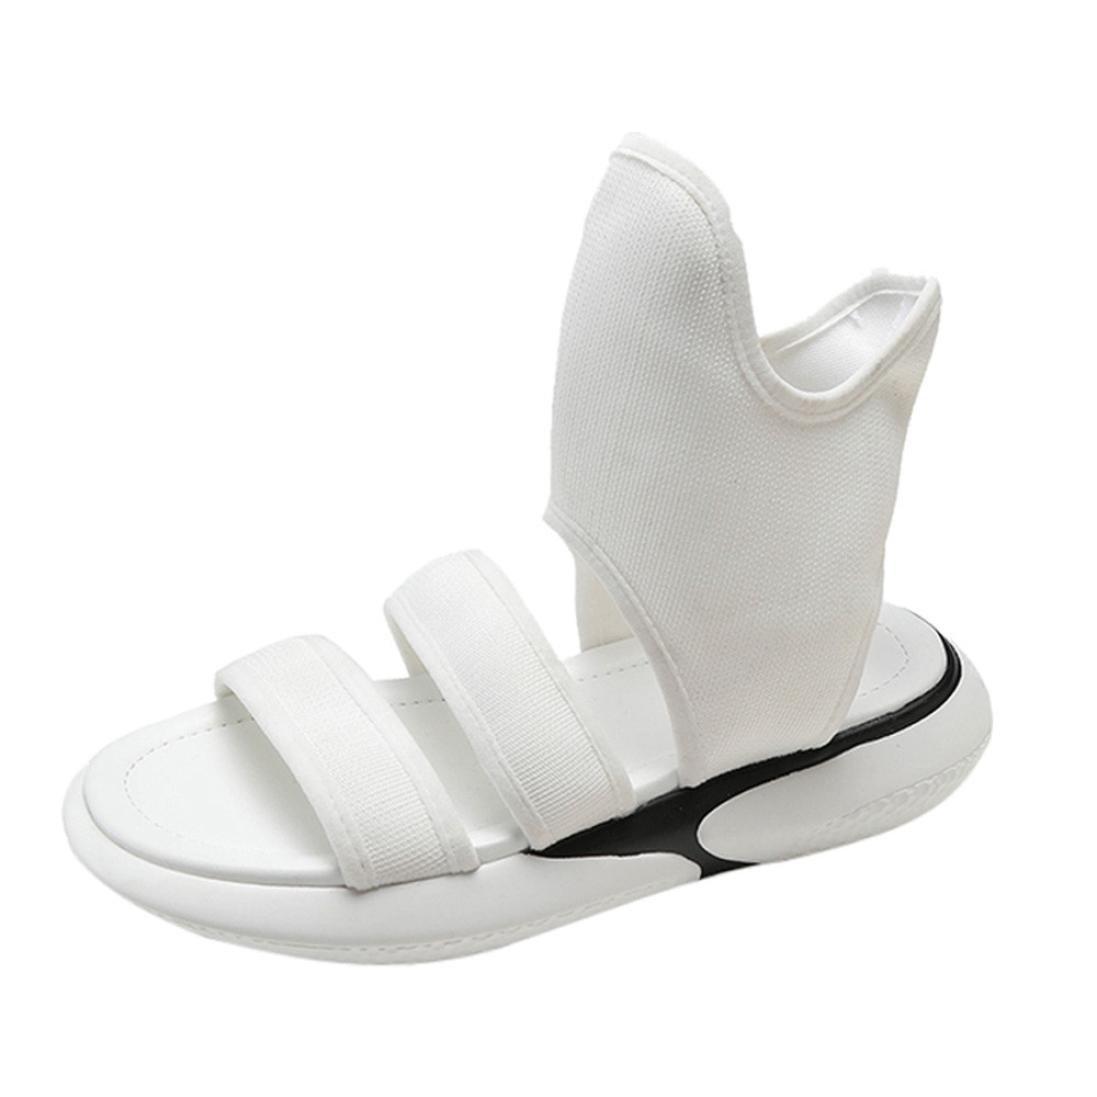 ??Sandales Femme??Lolittas Noir Rond Vintage Bottines ??Sandales Chiffon Secouer D Chaussures Sandales D éTé Bout Rond Blanc cb8c85b - shopssong.space